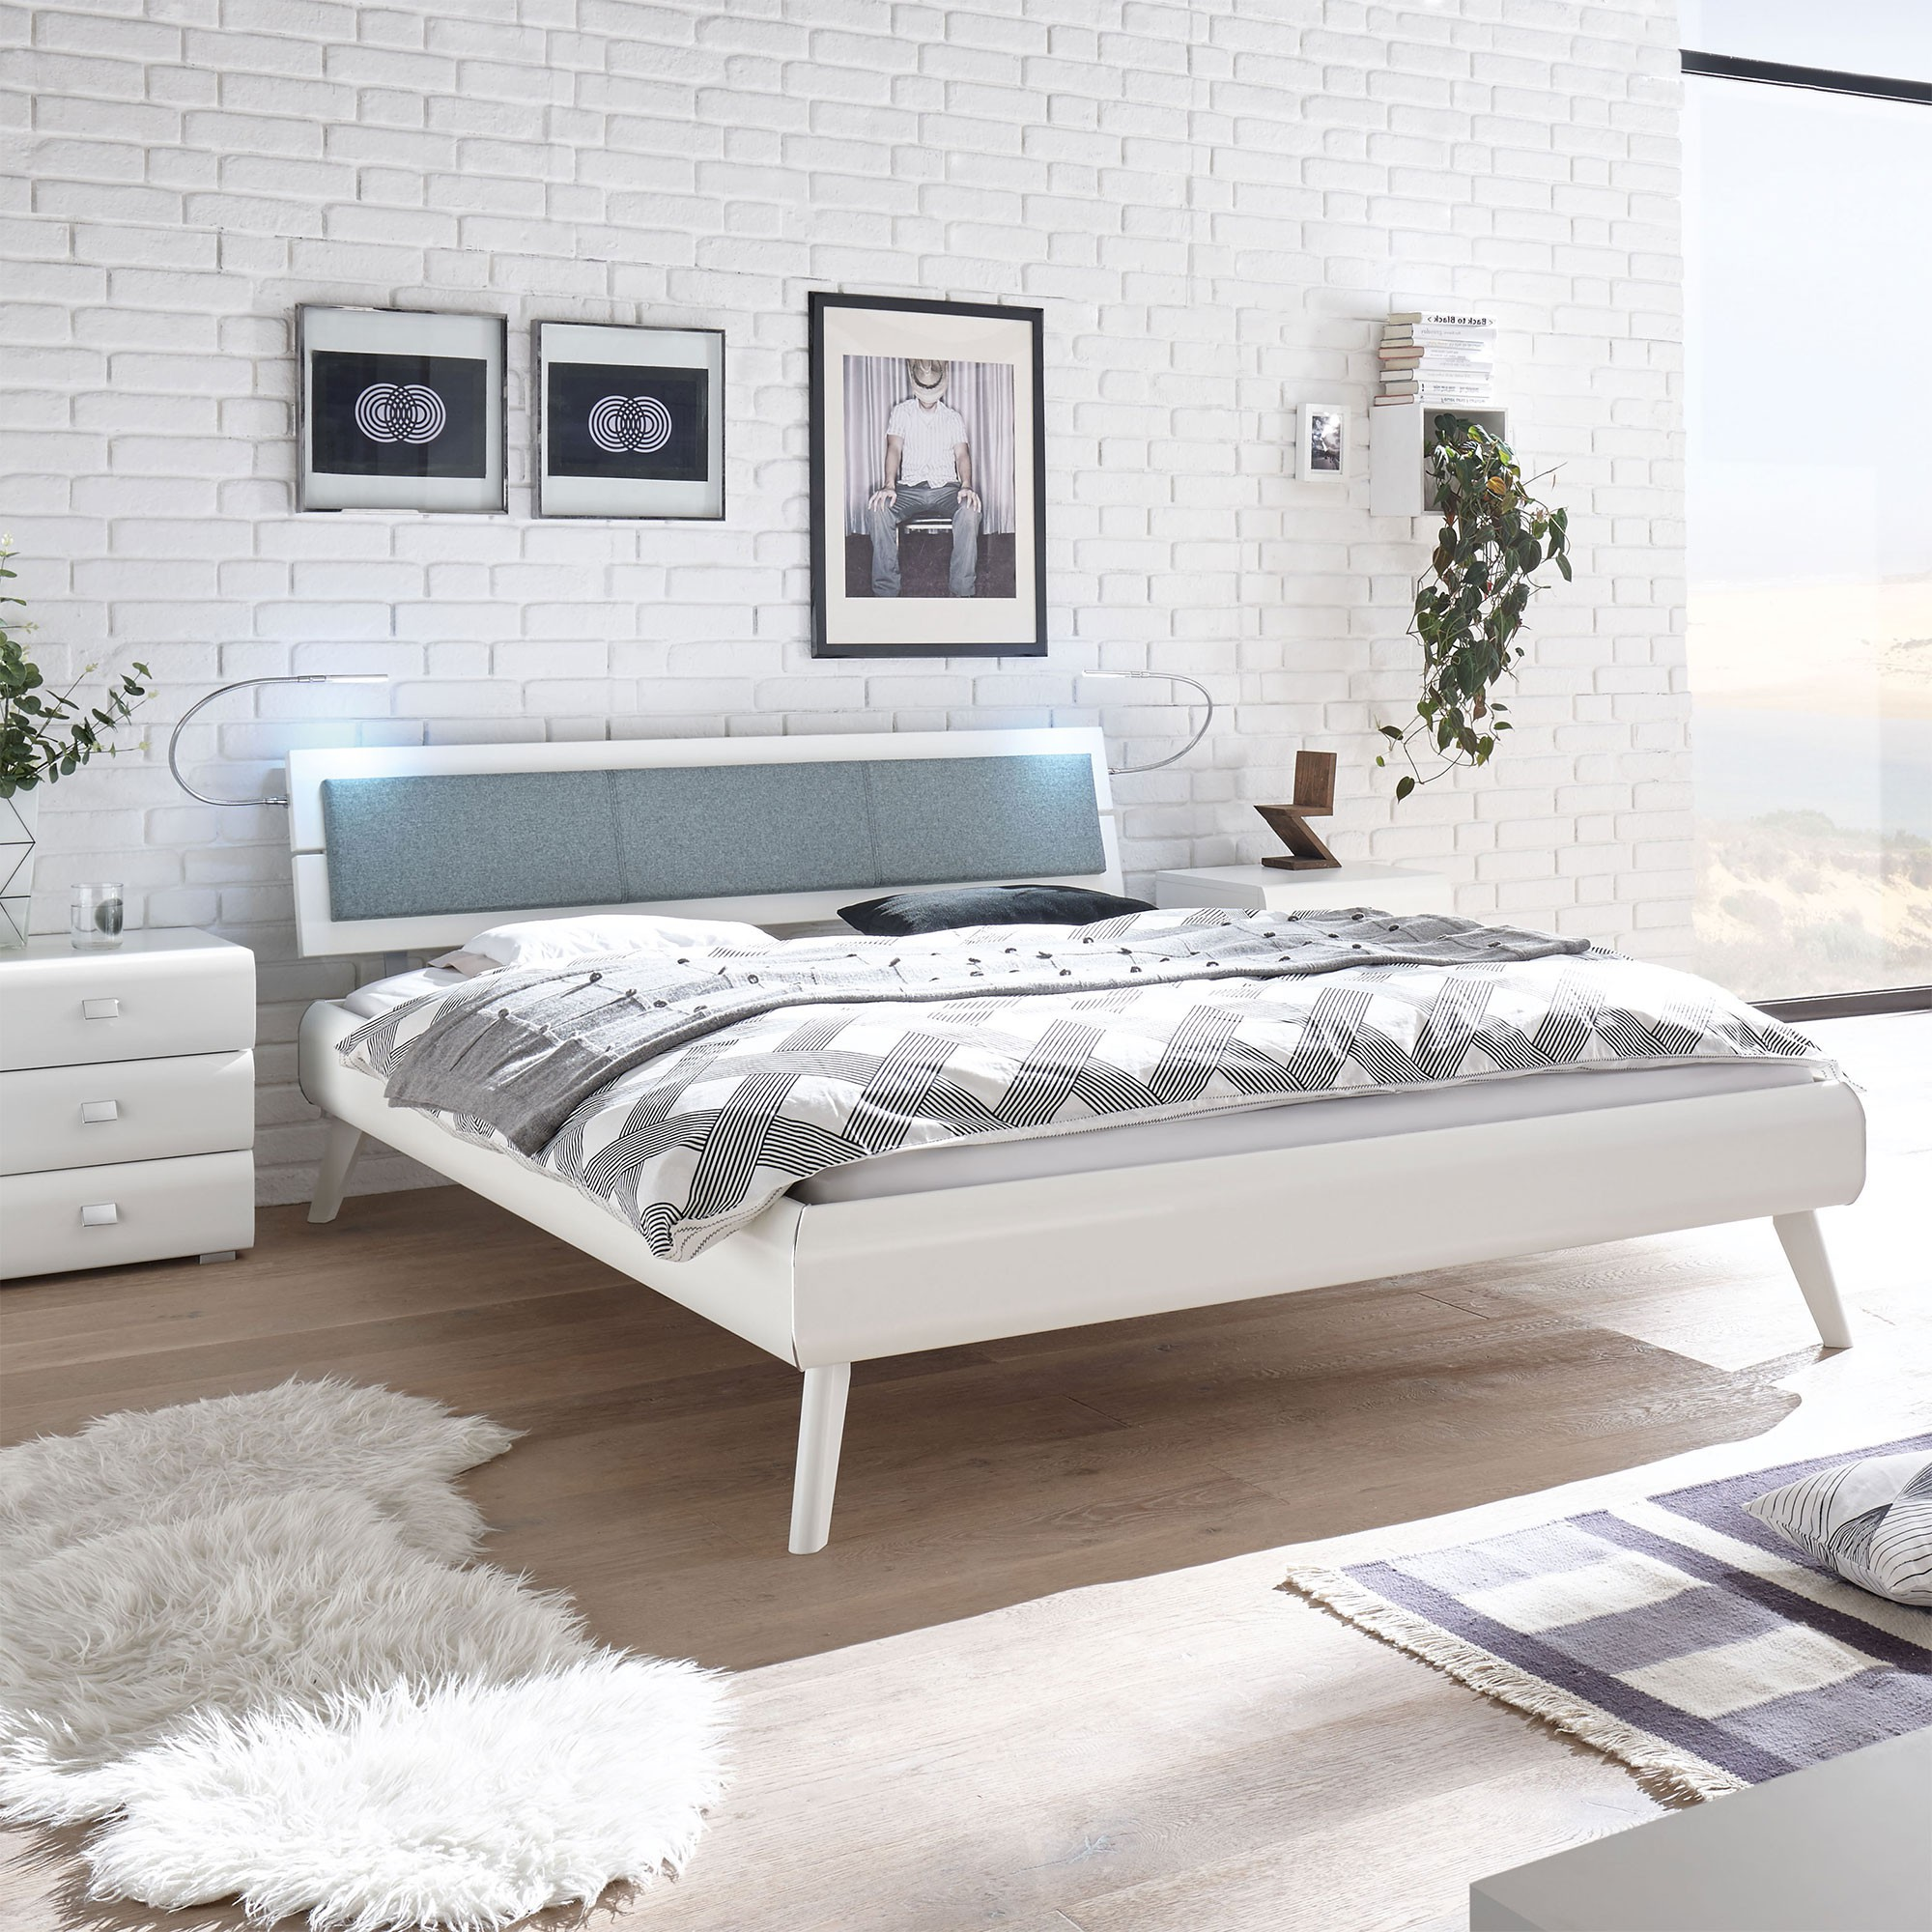 Full Size of Hasena Top Line Bett Prestige 18 Masi Nuetta Online Kaufen Belama Weiß 180x200 Günstiges Sofa Buche 100x200 Betten Aus Holz Boxspring Schlafzimmer Set Bett Bett Günstig Kaufen